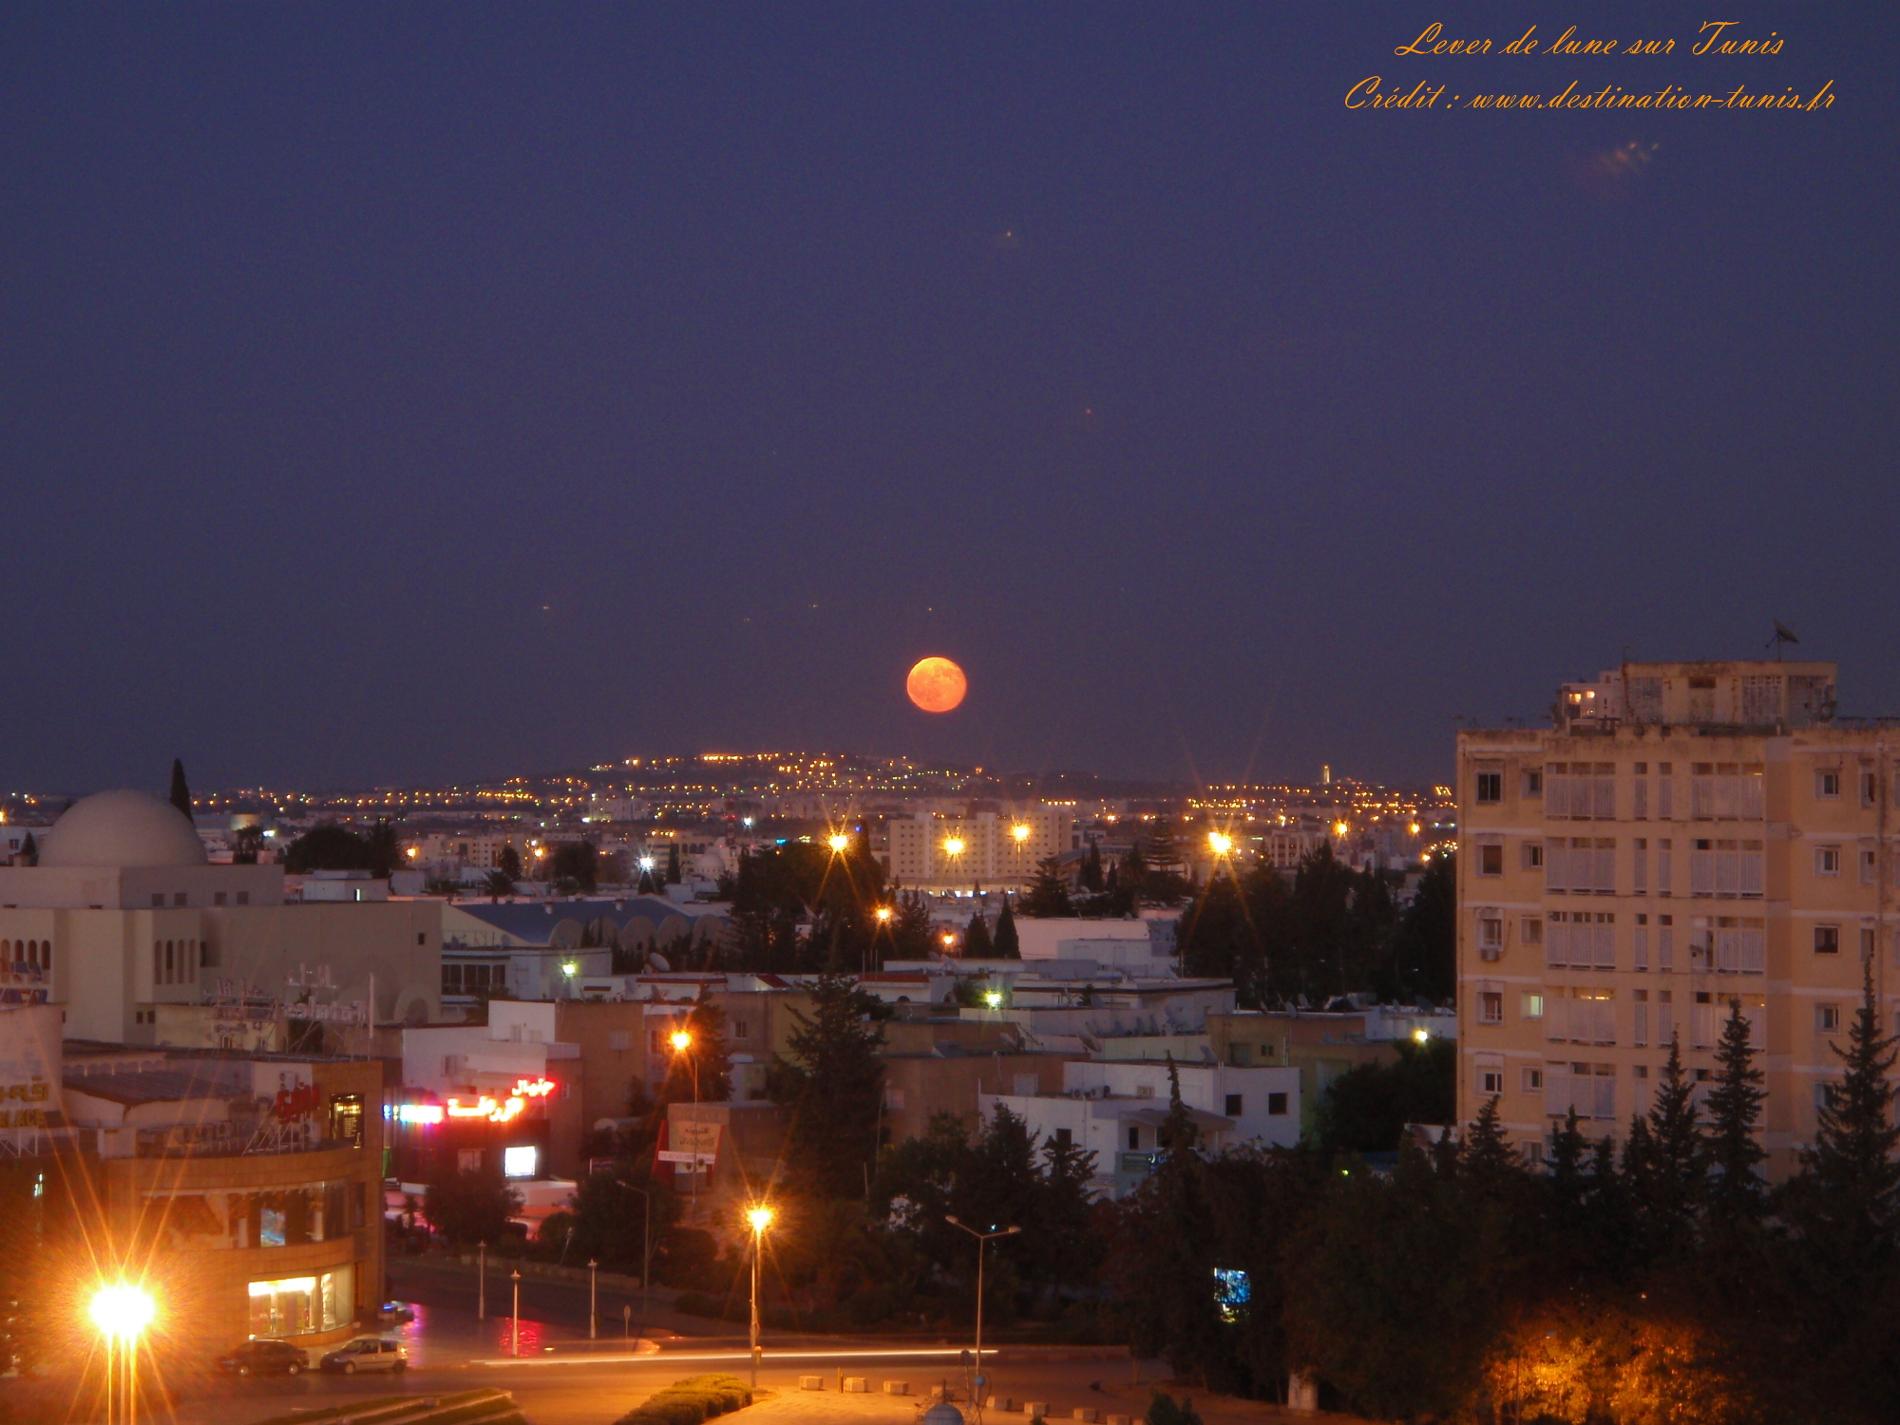 Fond d'écran Lever de Lune Tunis Tunisie